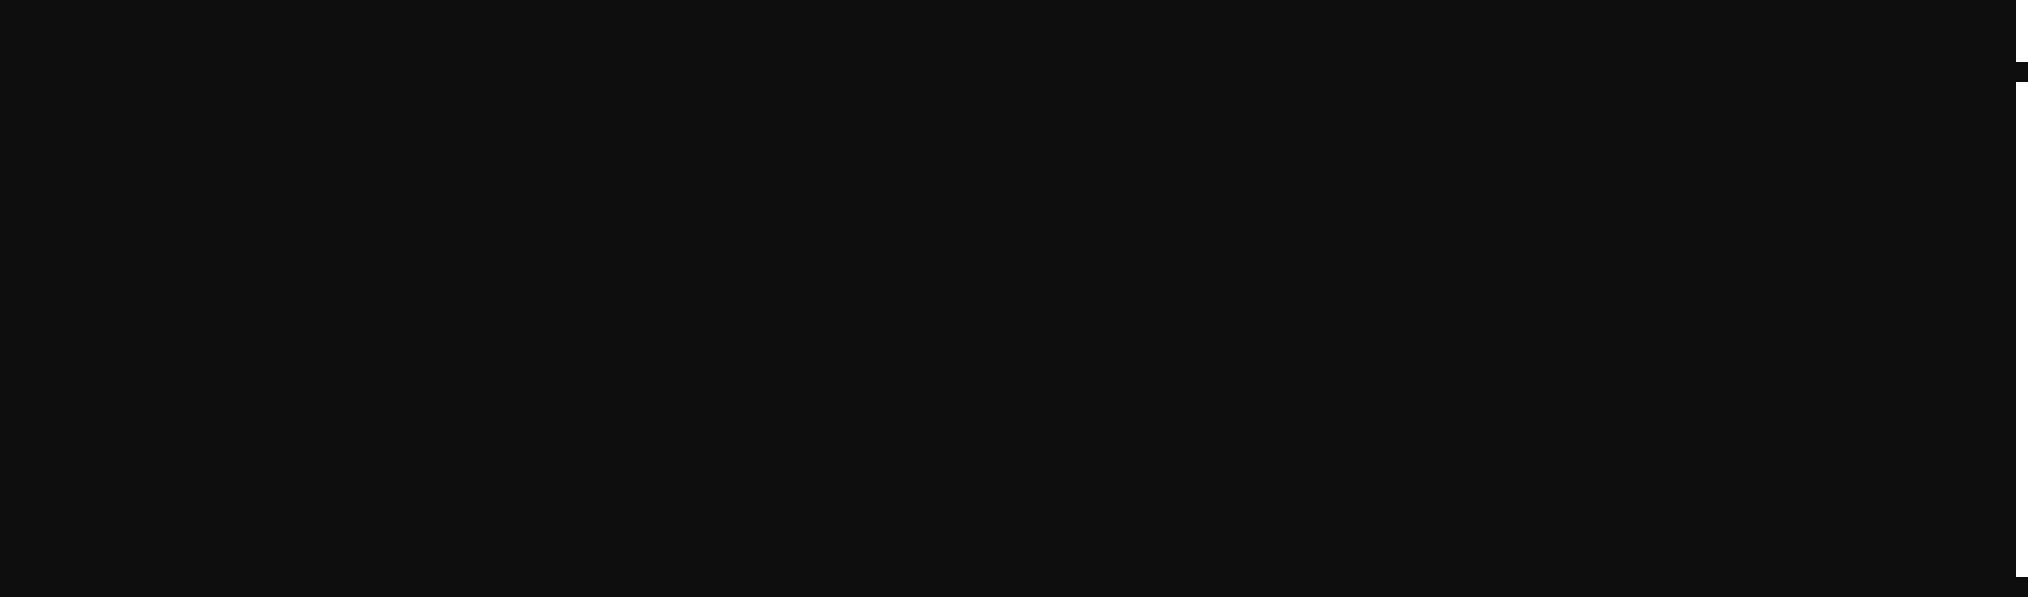 Catacaldos-